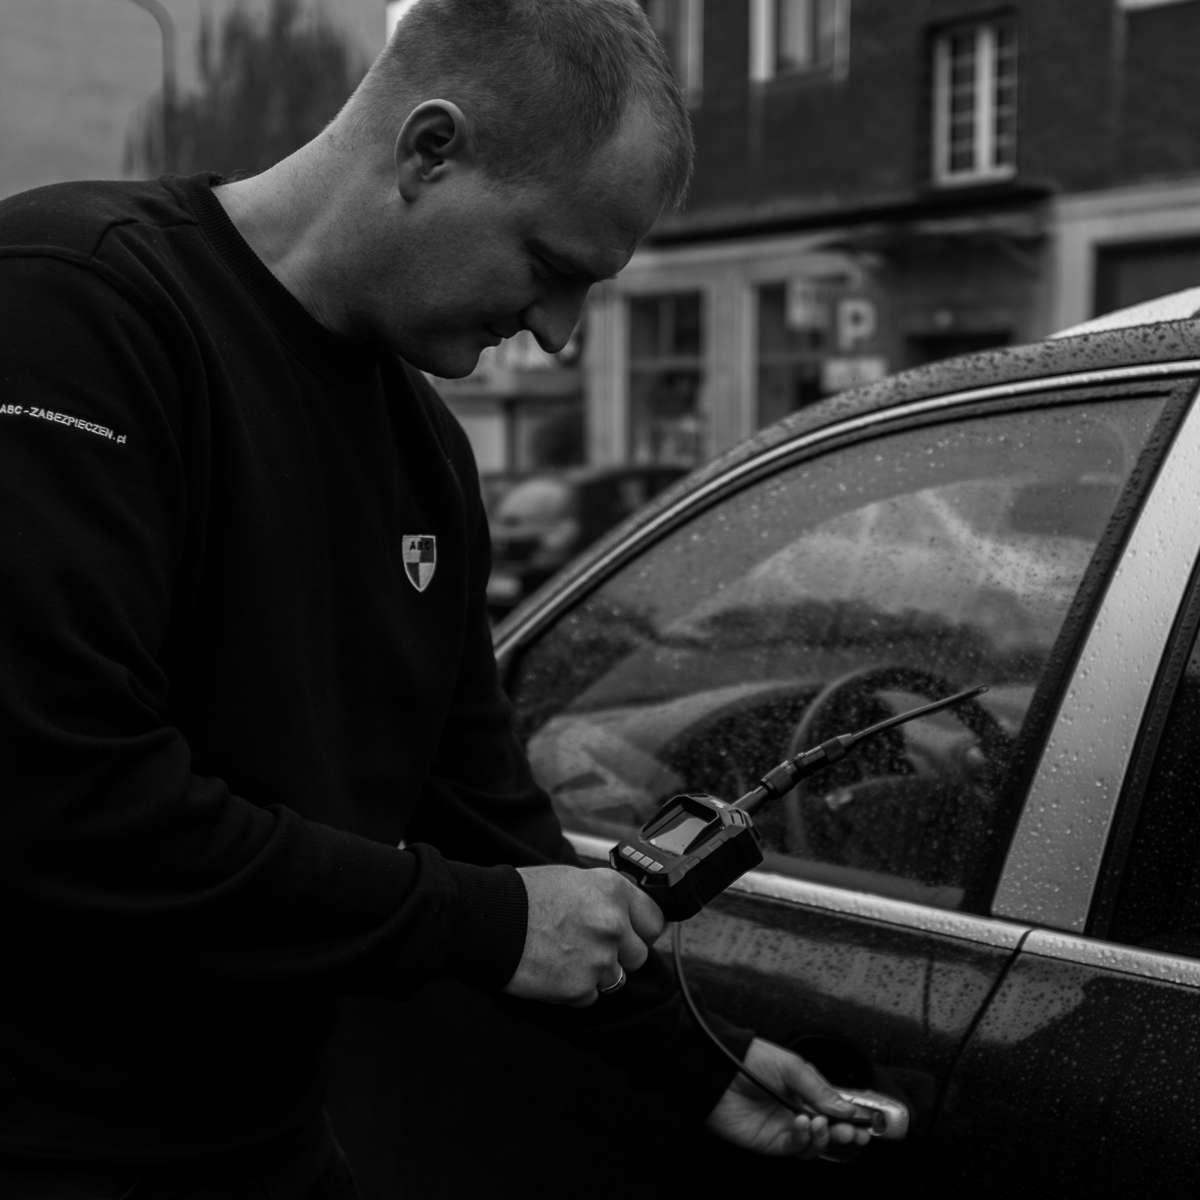 Zgubiony klucz od auta, co robić?